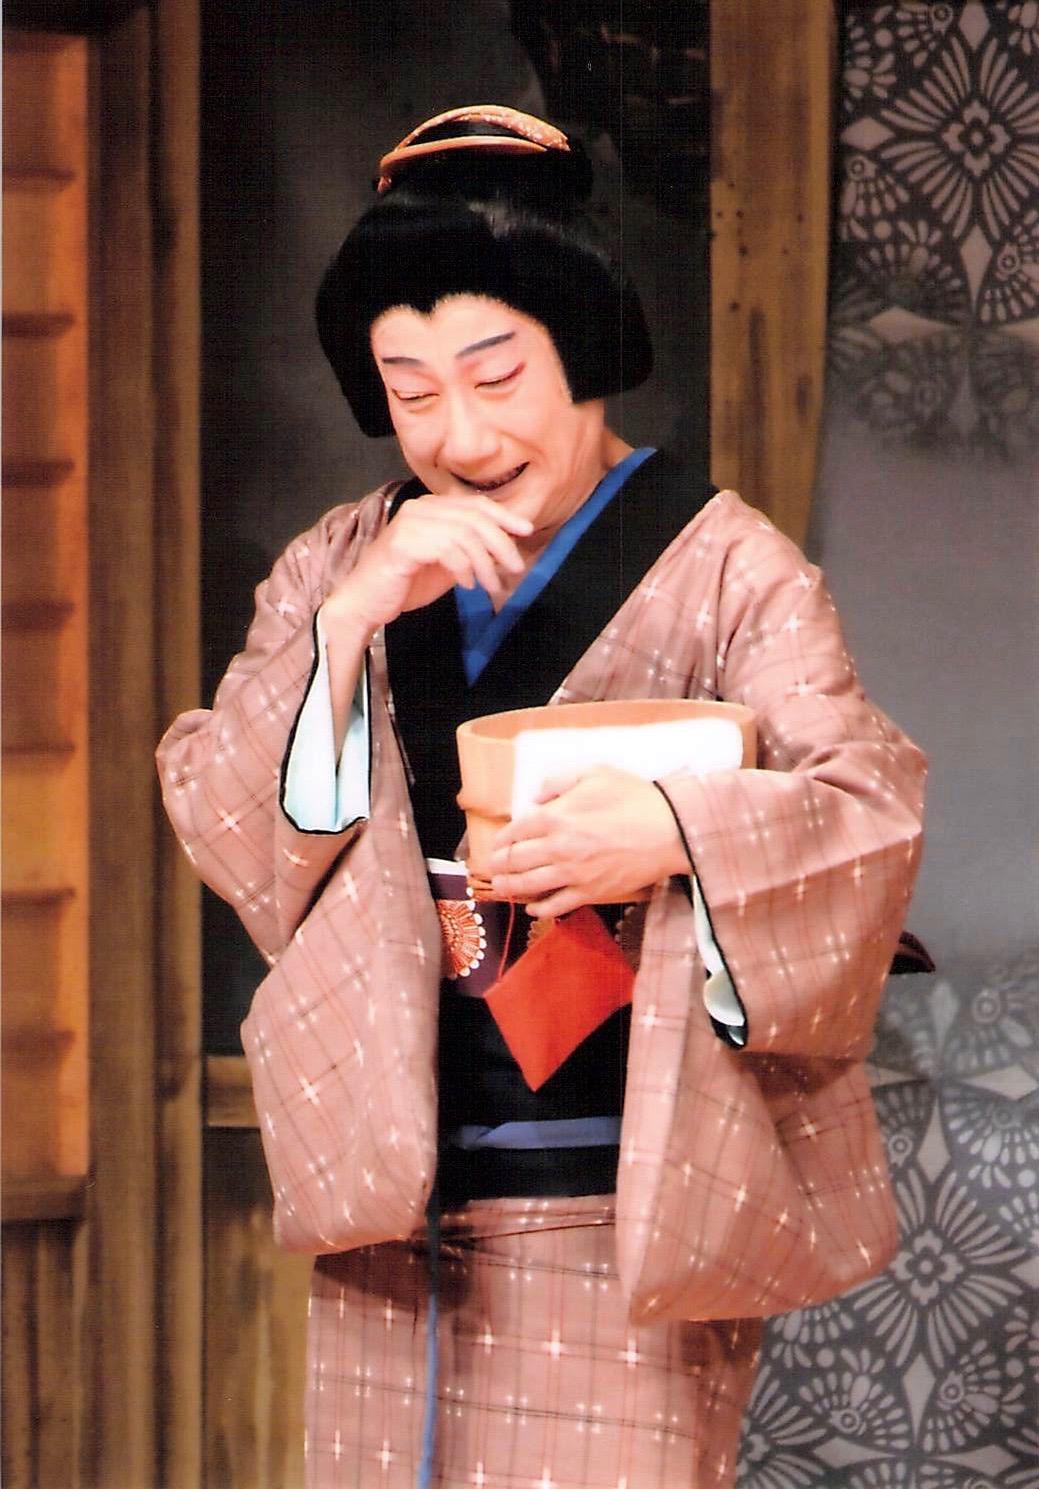 http://www.senjaku.com/blog/1KmPA.jpeg